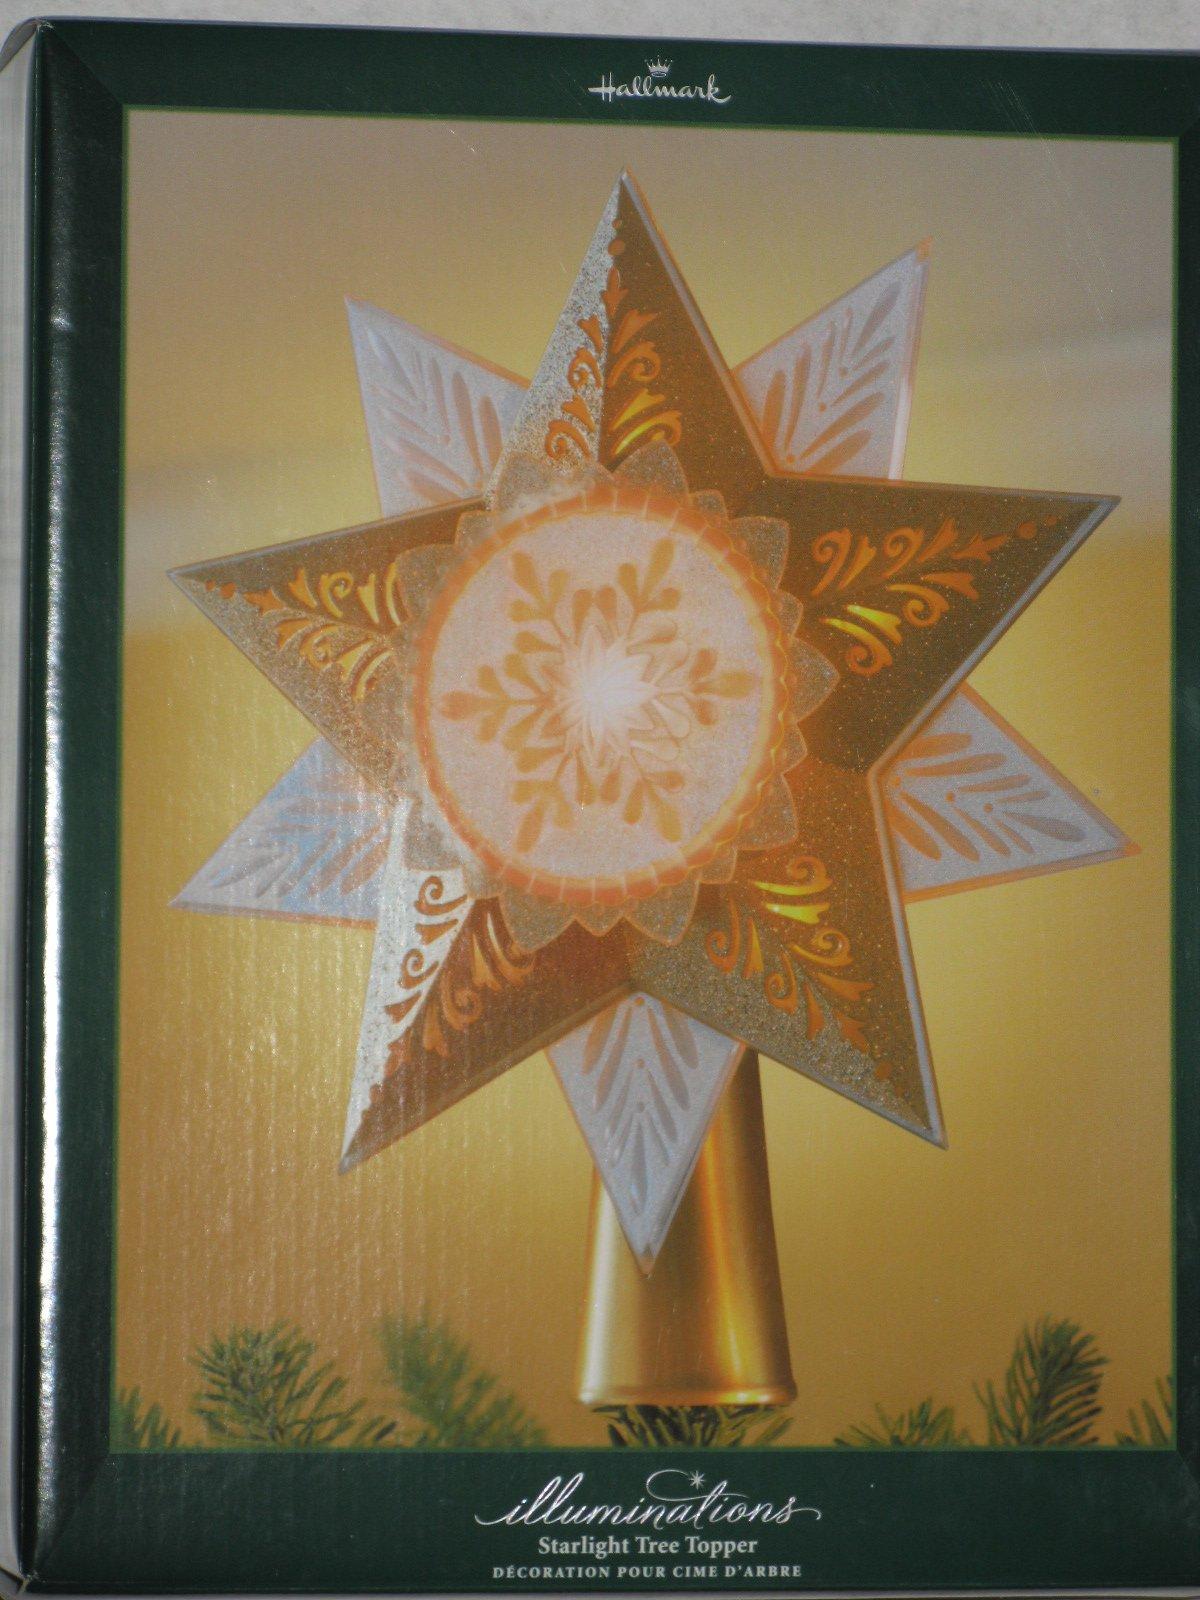 Hallmark Illuminations Starlight Tree Topper 2005 QLM7972